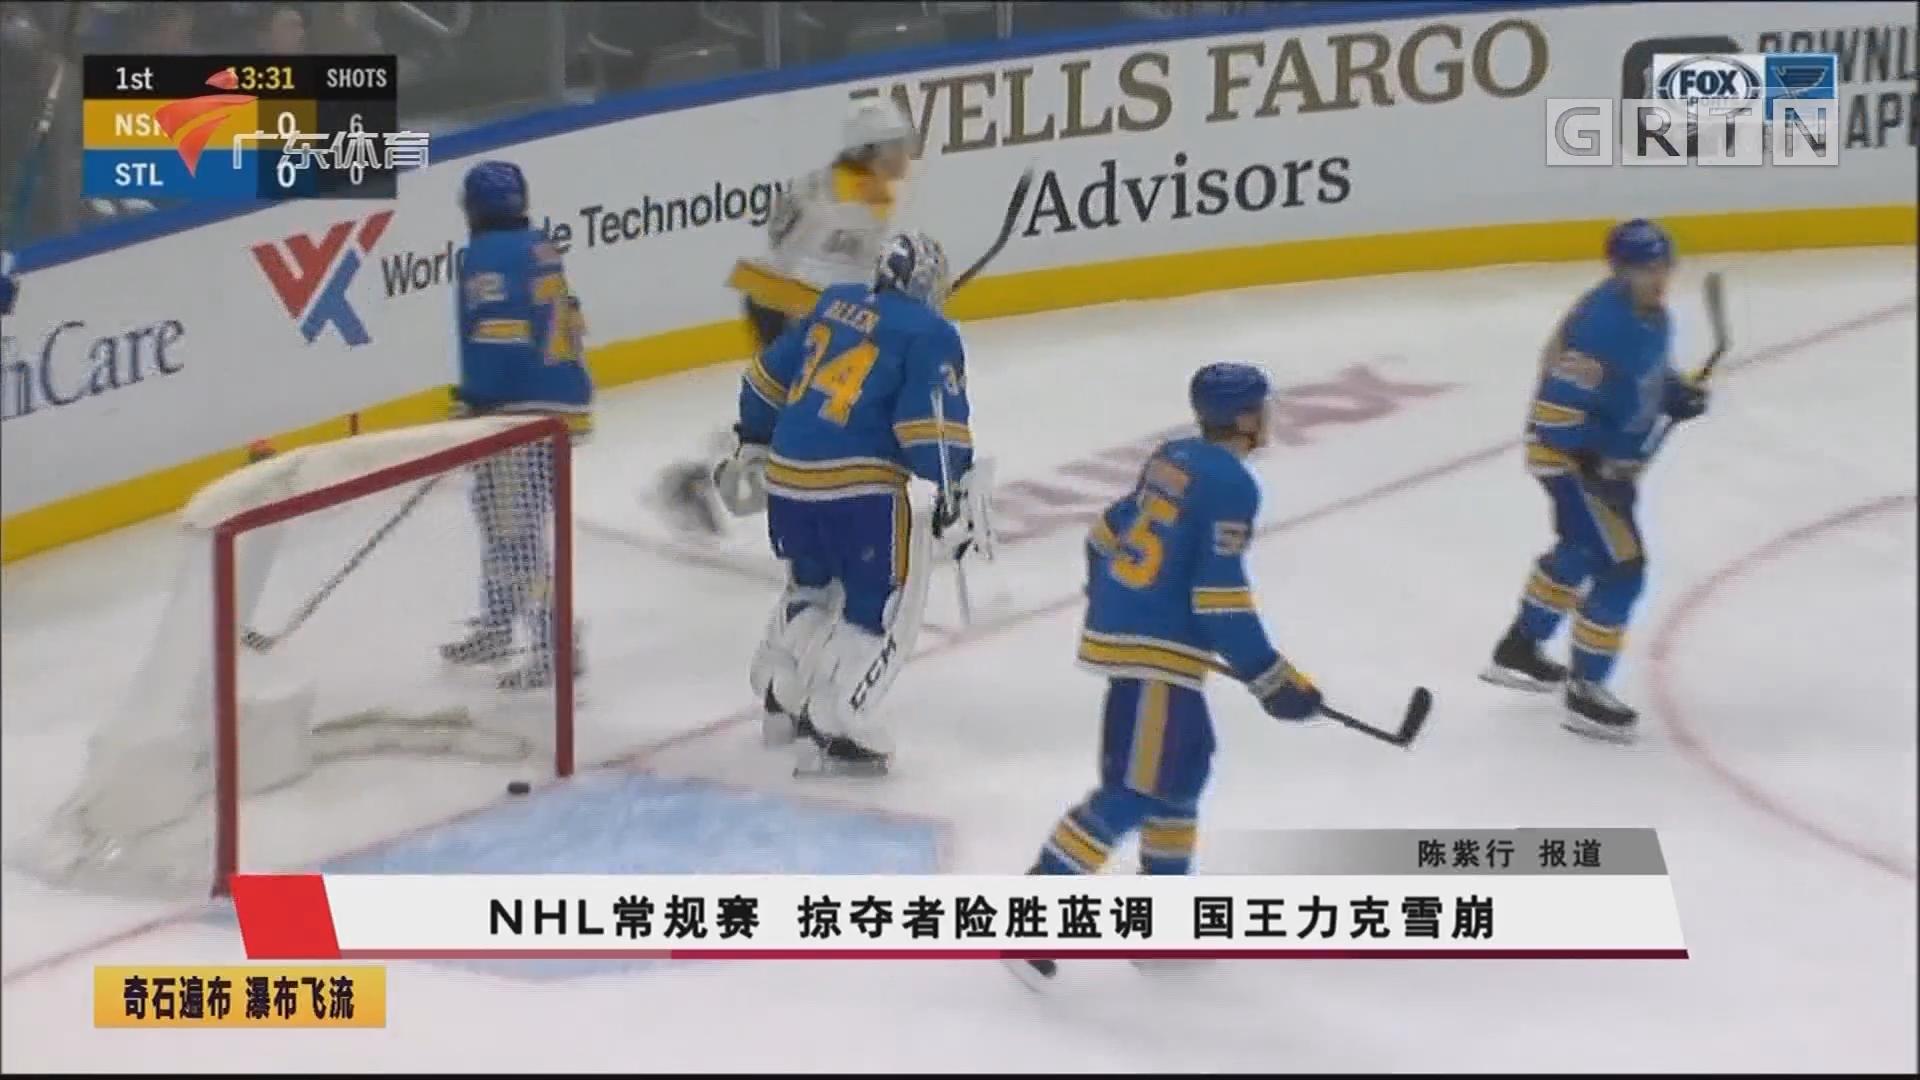 NHL常规赛 掠夺者险胜蓝调 国王力克雪崩